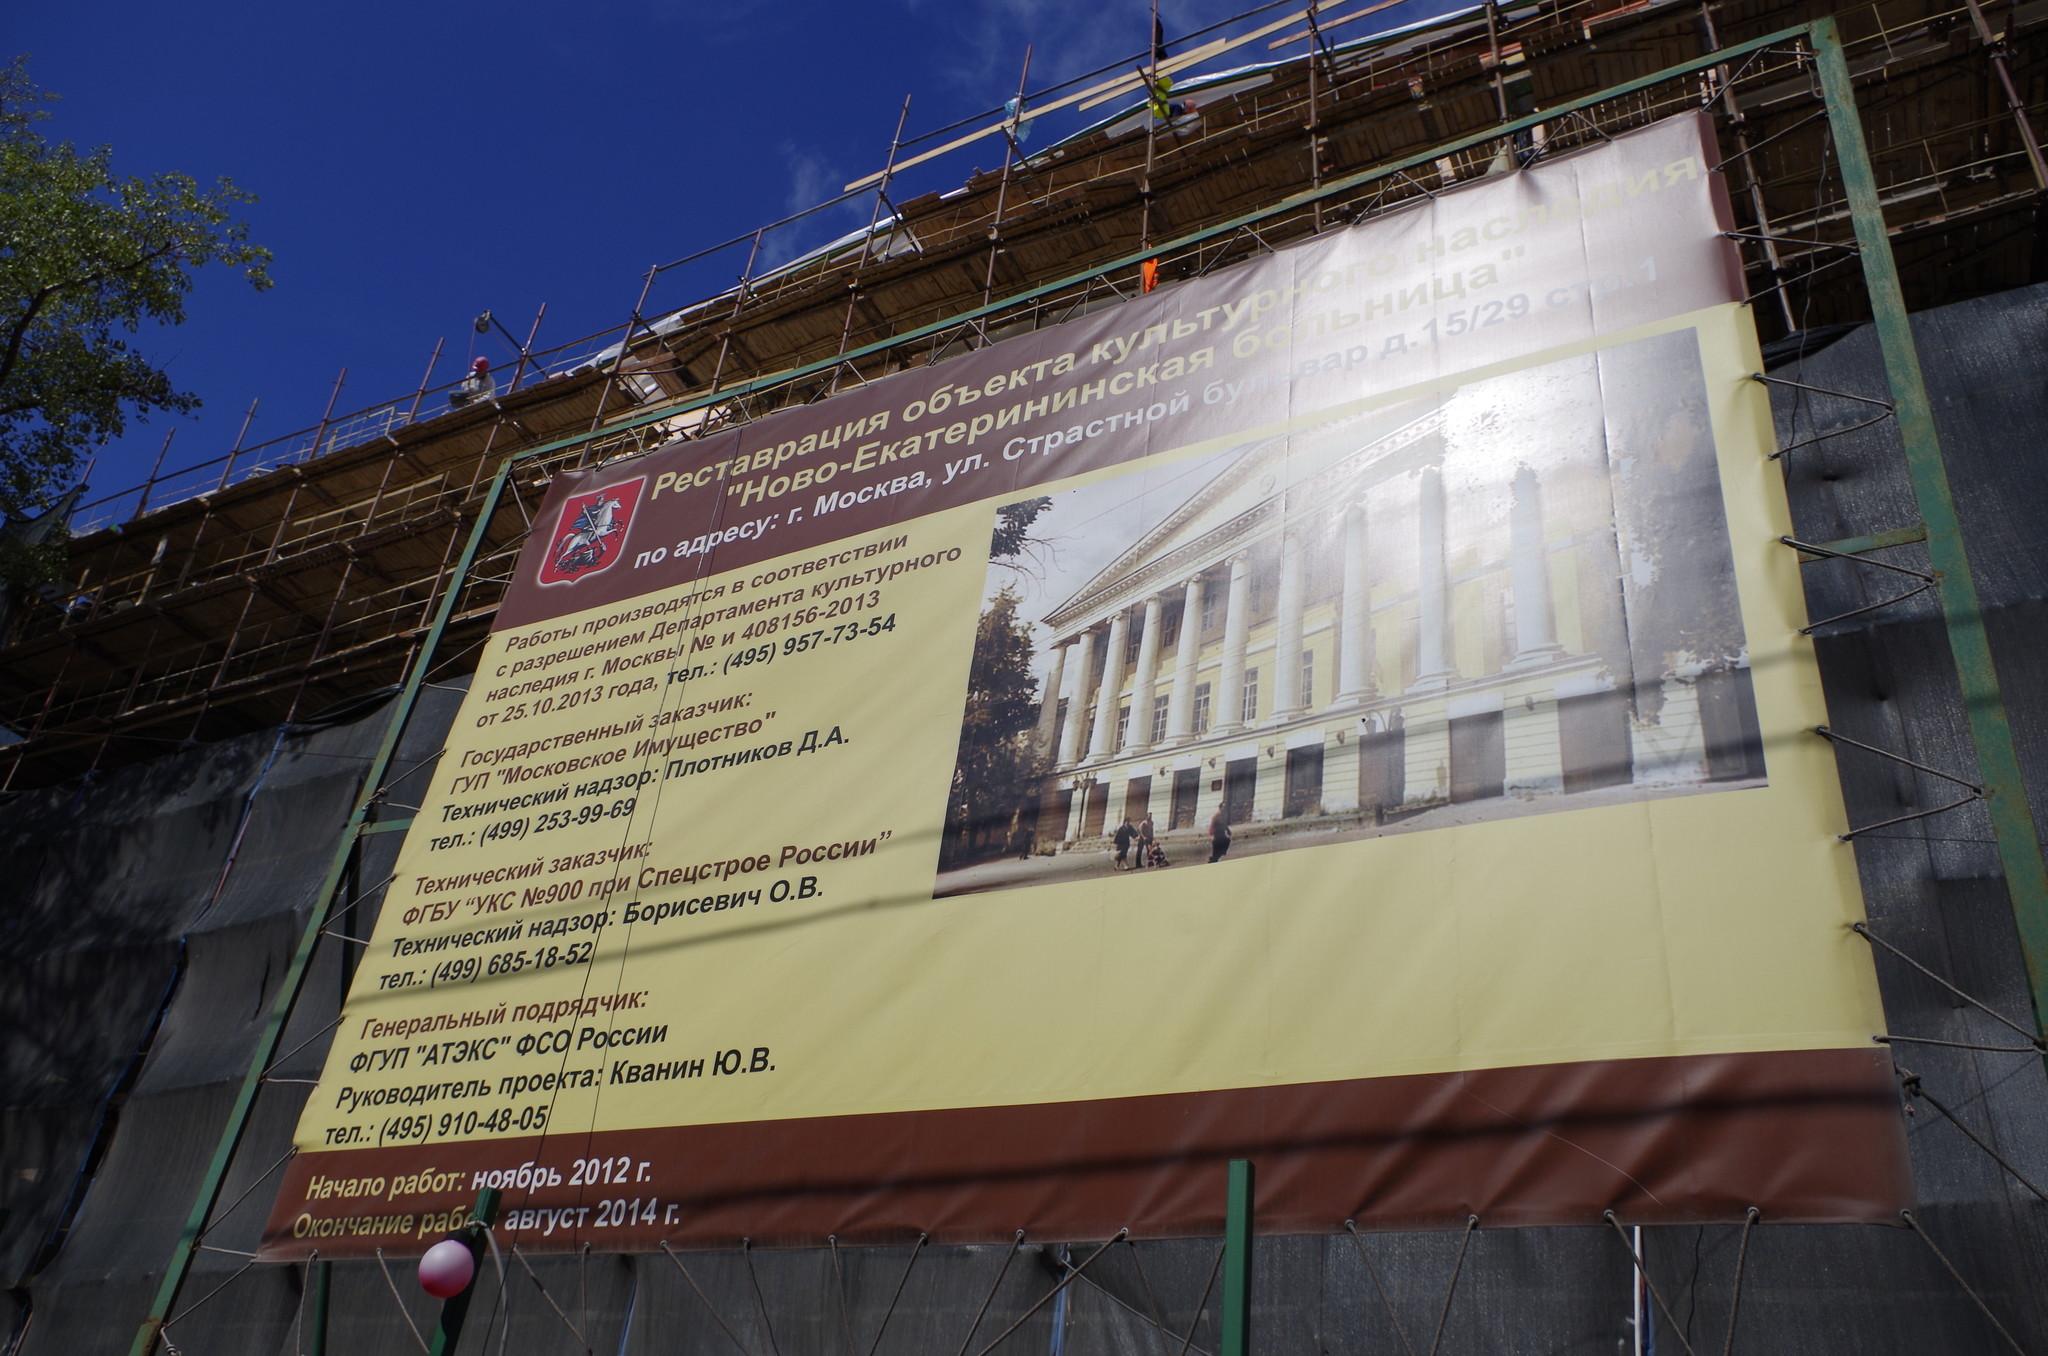 Реставрация объекта культурного наследия